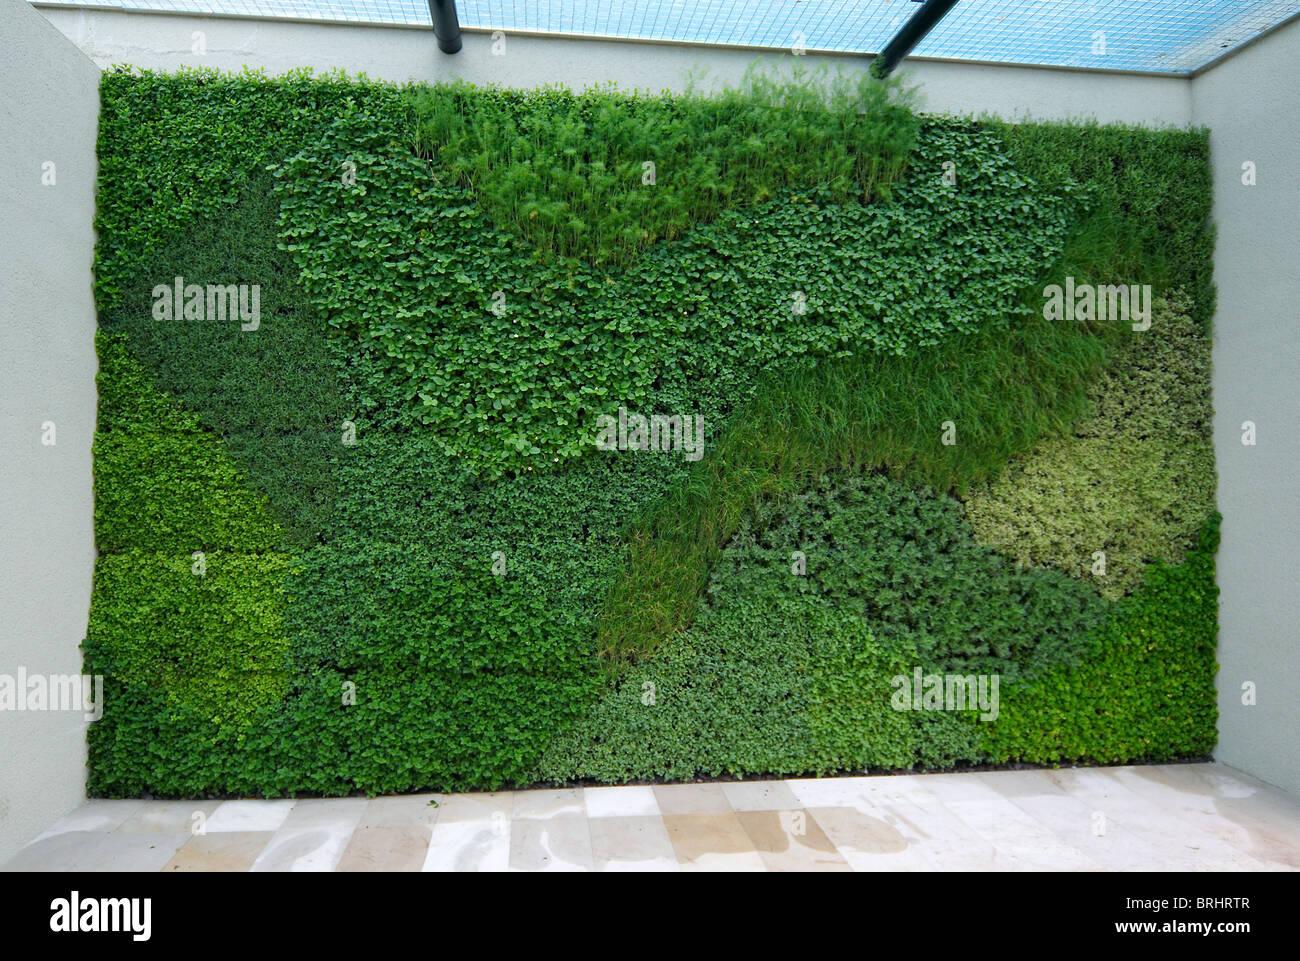 Künstlerisch Wandgarten Innen Ideen Von Eine Dekorative Vertikale Wand Garten Kräuter In